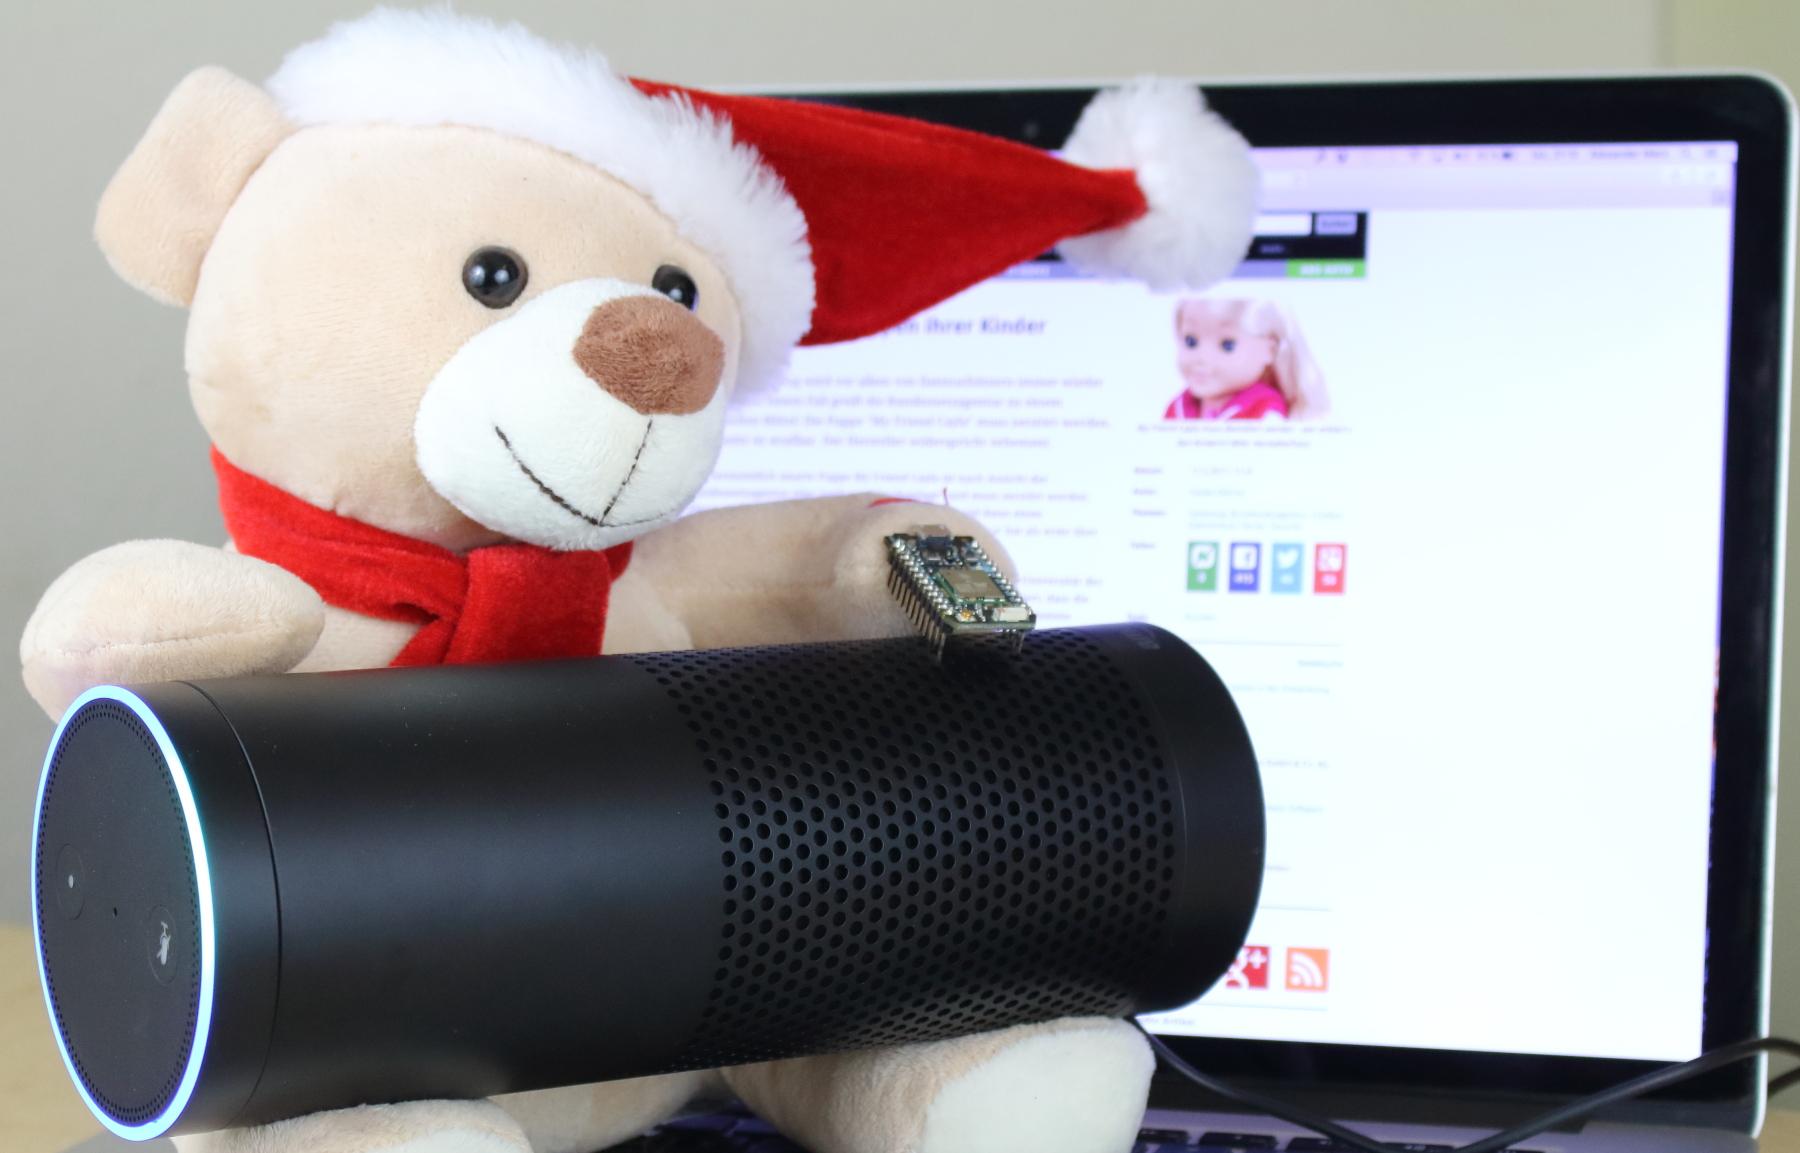 Bundesnetzagentur: Puppenverbot gefährdet das Smart Home und Bastler - Aus Sicht der Bundesnetzagentur sollten wir von einer derartigen Kombination die Finger lassen. (Bild: Alexander Merz/Golem.de)